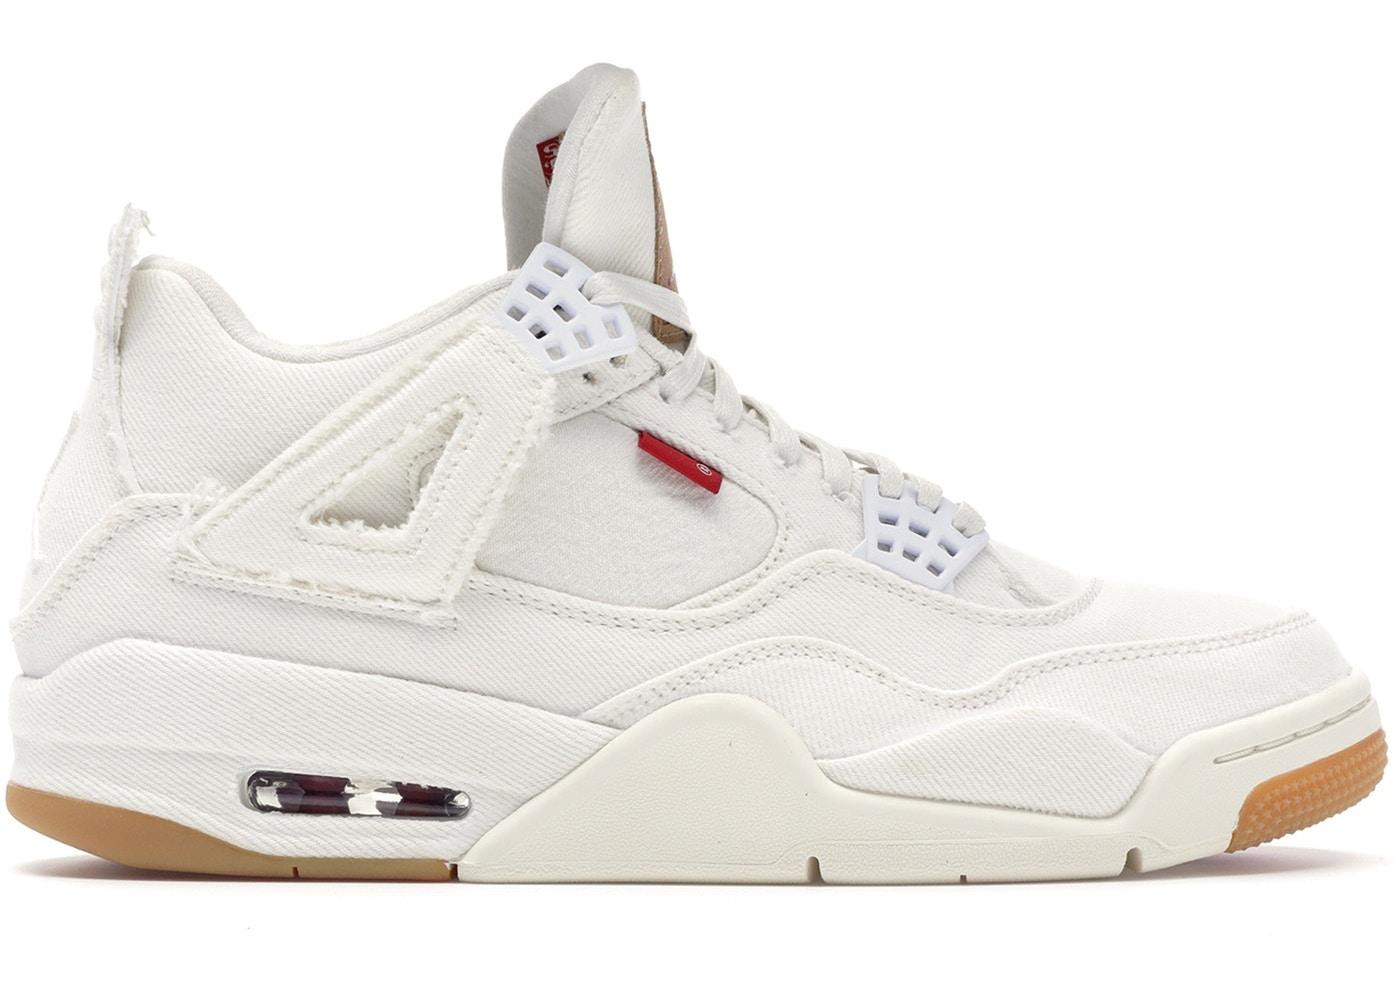 cheaper 0aa5d 49242 Jordan 4 Retro Levi's White (Blank Tag)